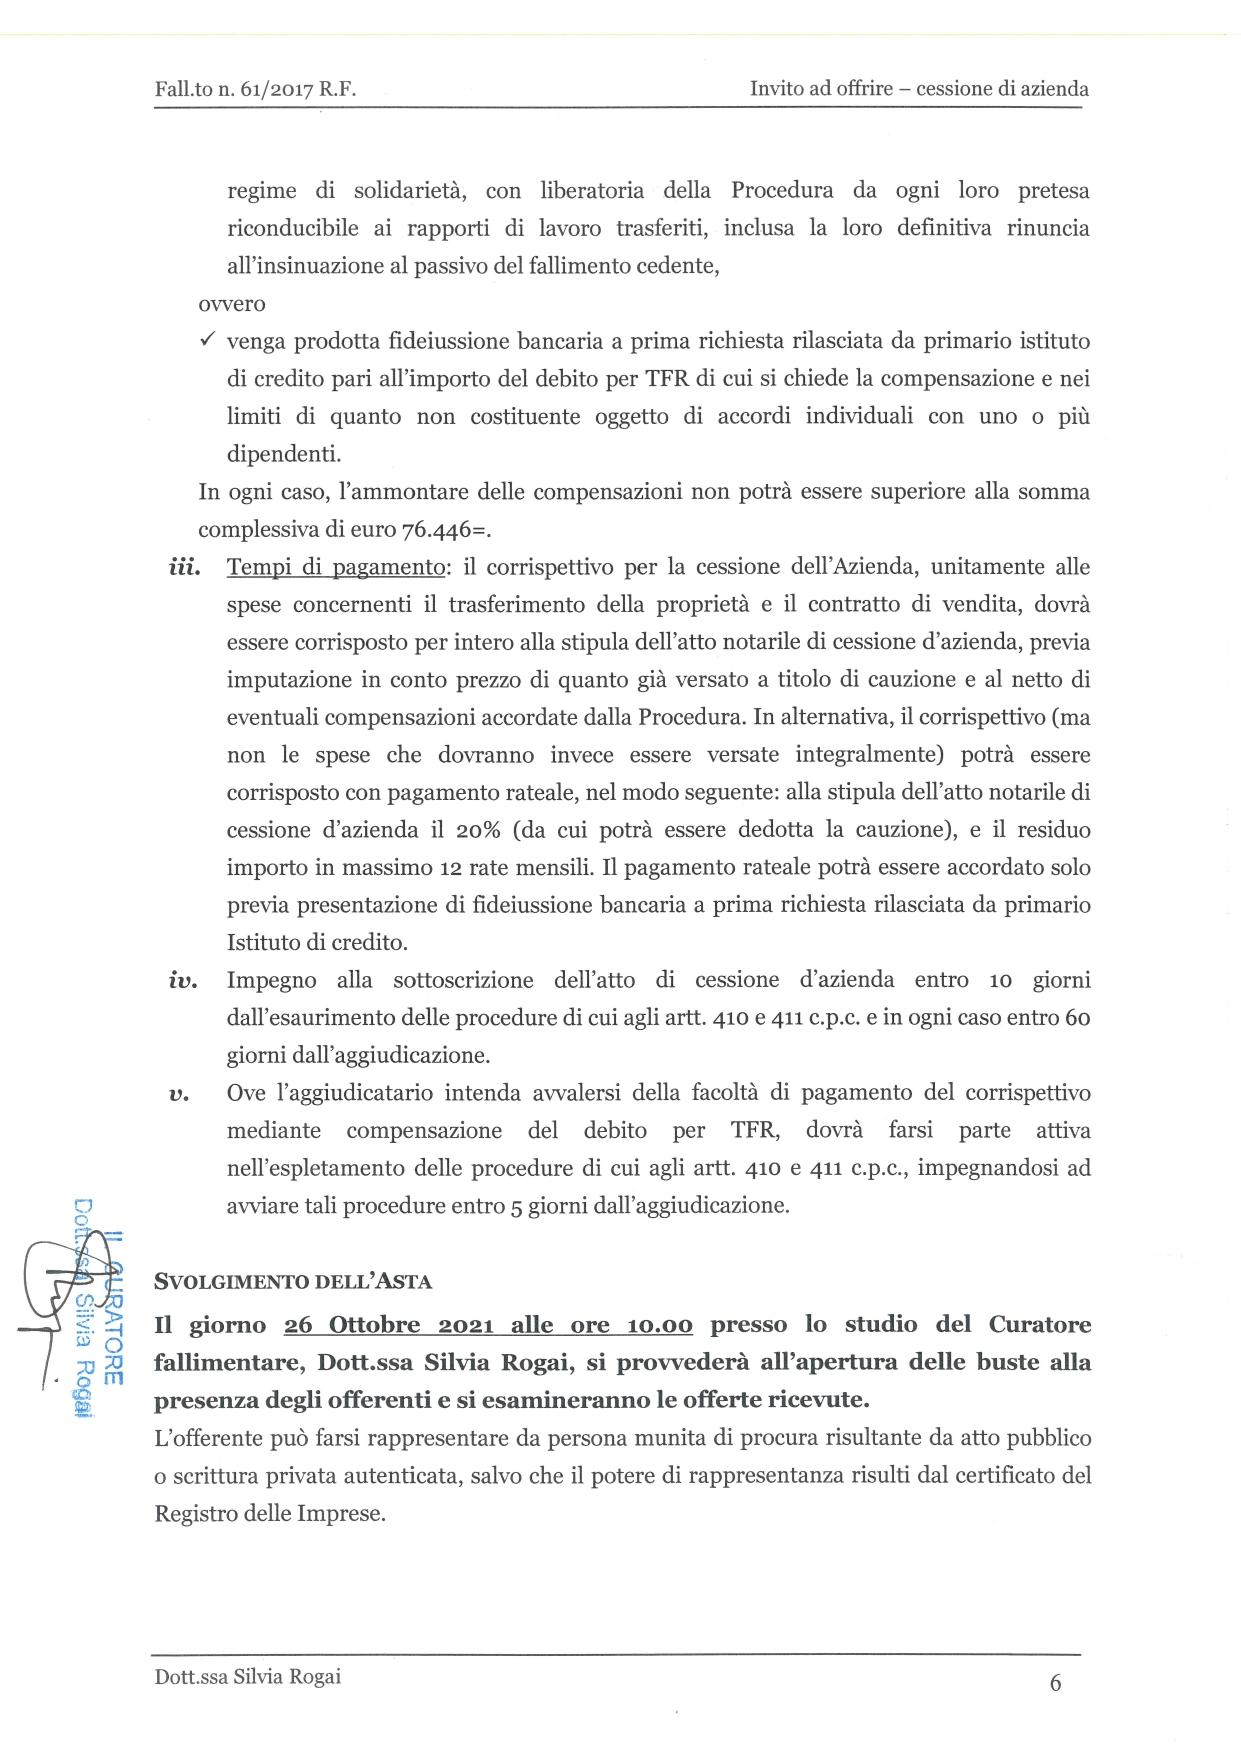 Fall. 61/2017 Trib. di Prato - Cessione azienda operat in vendita - foto 6